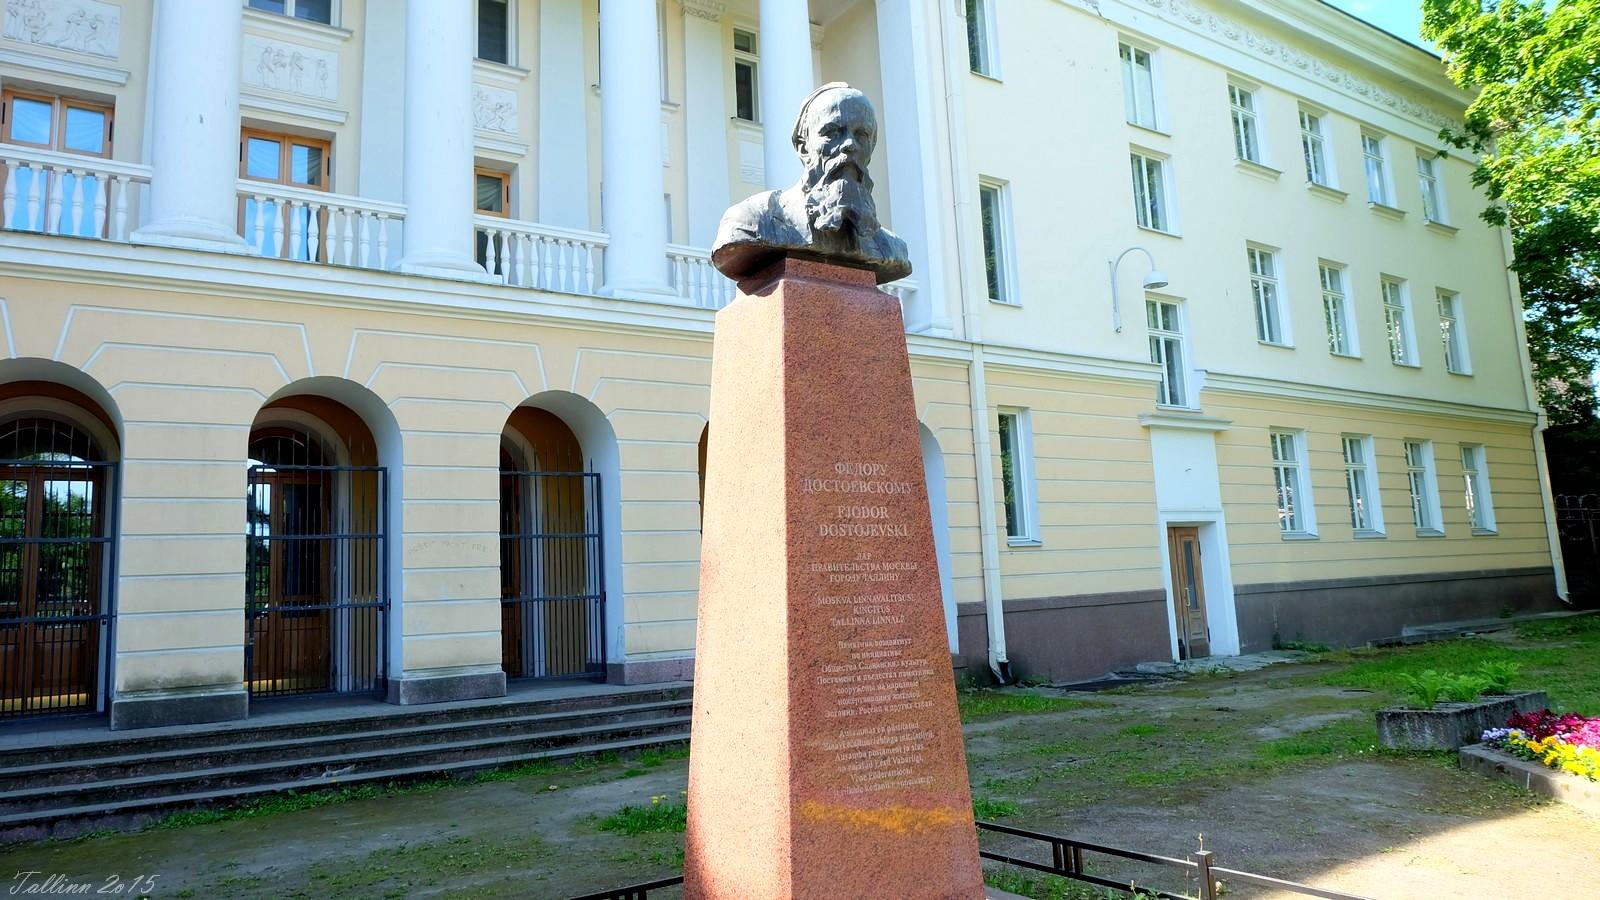 Dostoevki Monument, Tallinn, Eesti